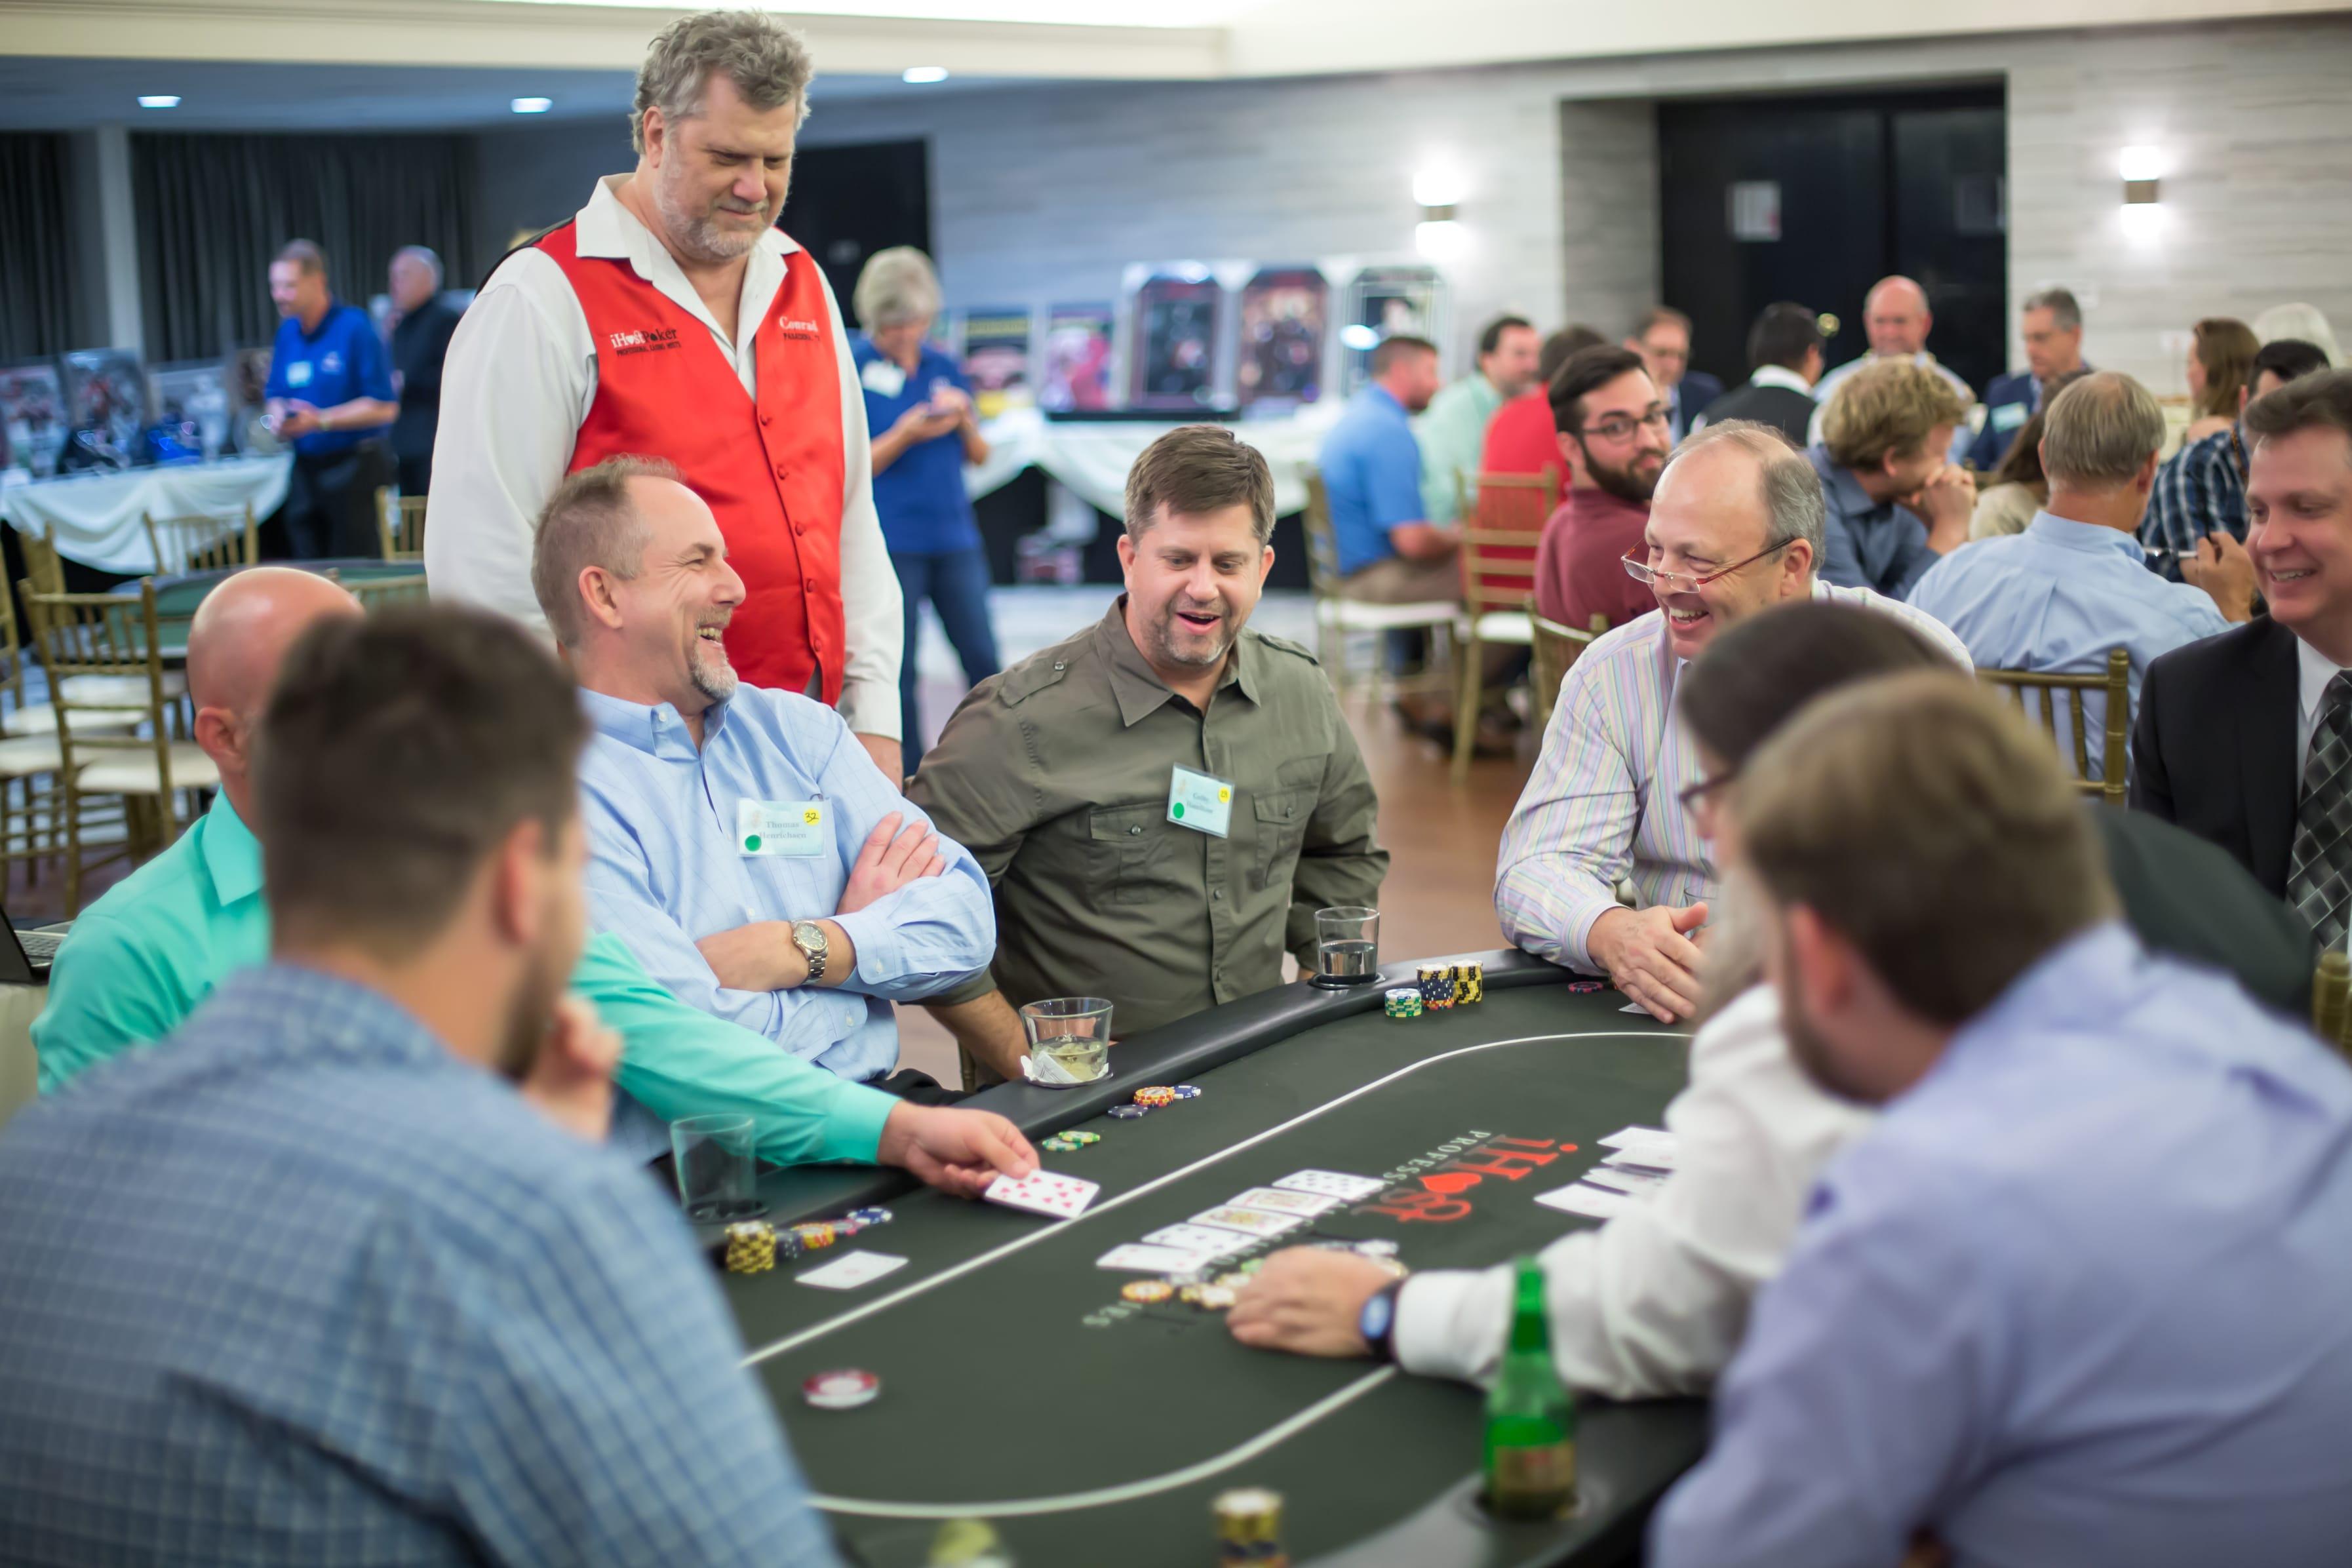 2020 houston poker tournament charity